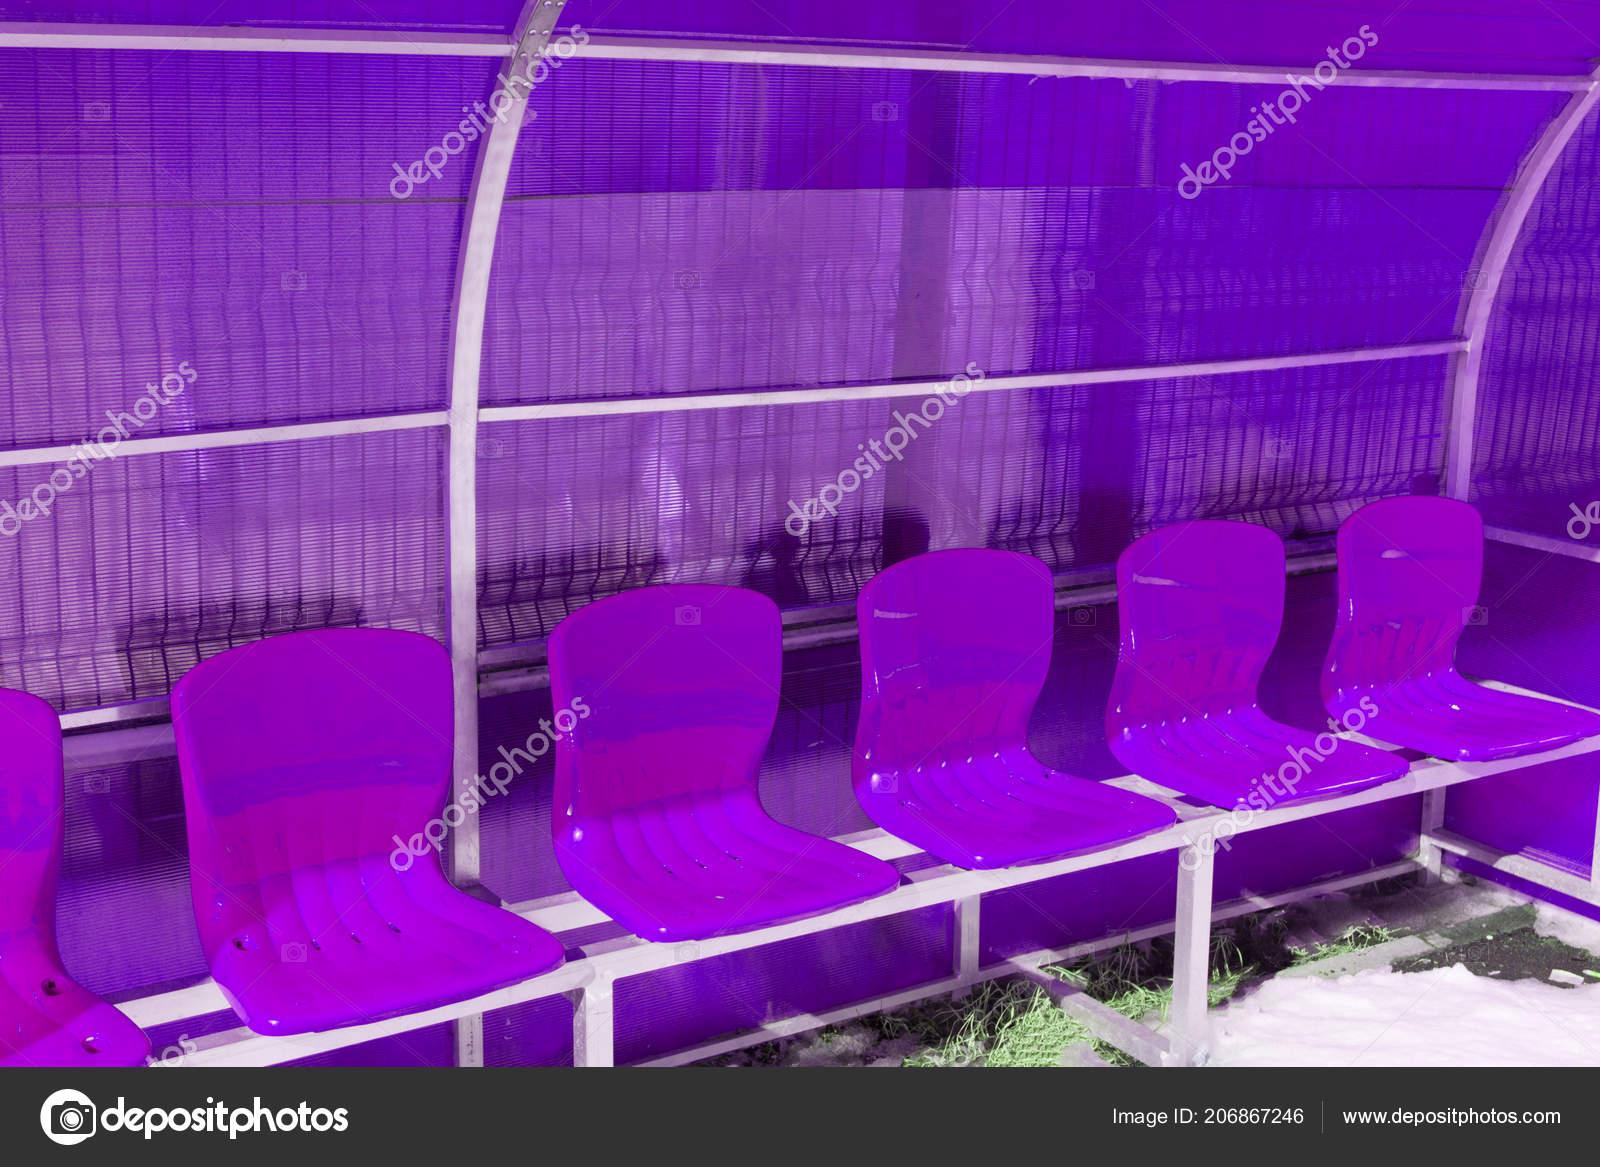 Posti Sugli Molti Plastica Vuoti Spalti Dello Stadio Sedie 35Ac4RqSLj